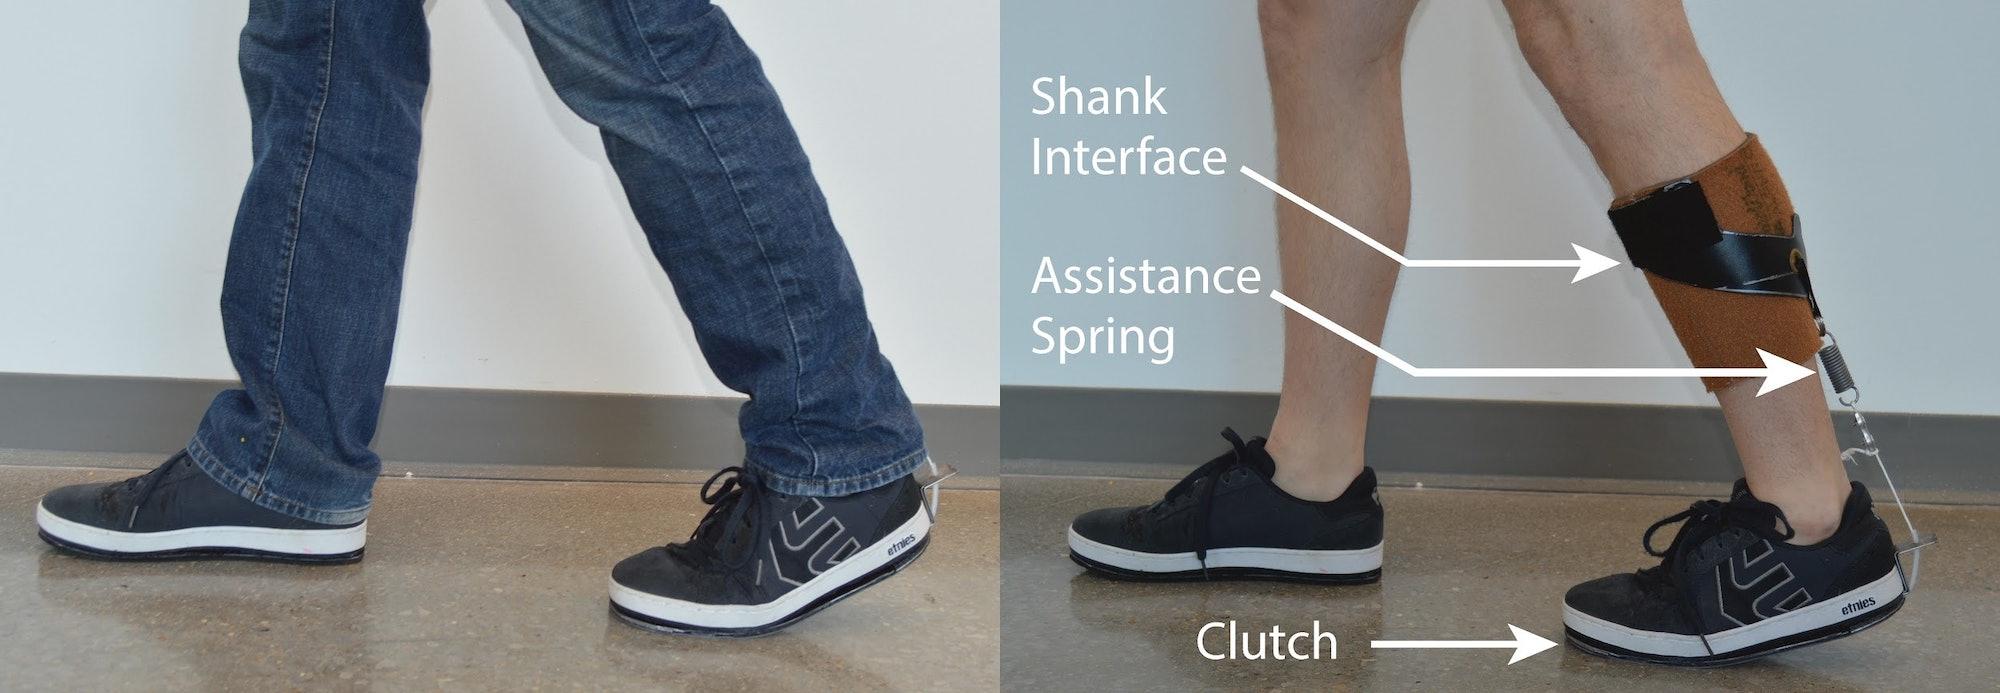 exosuit ankle